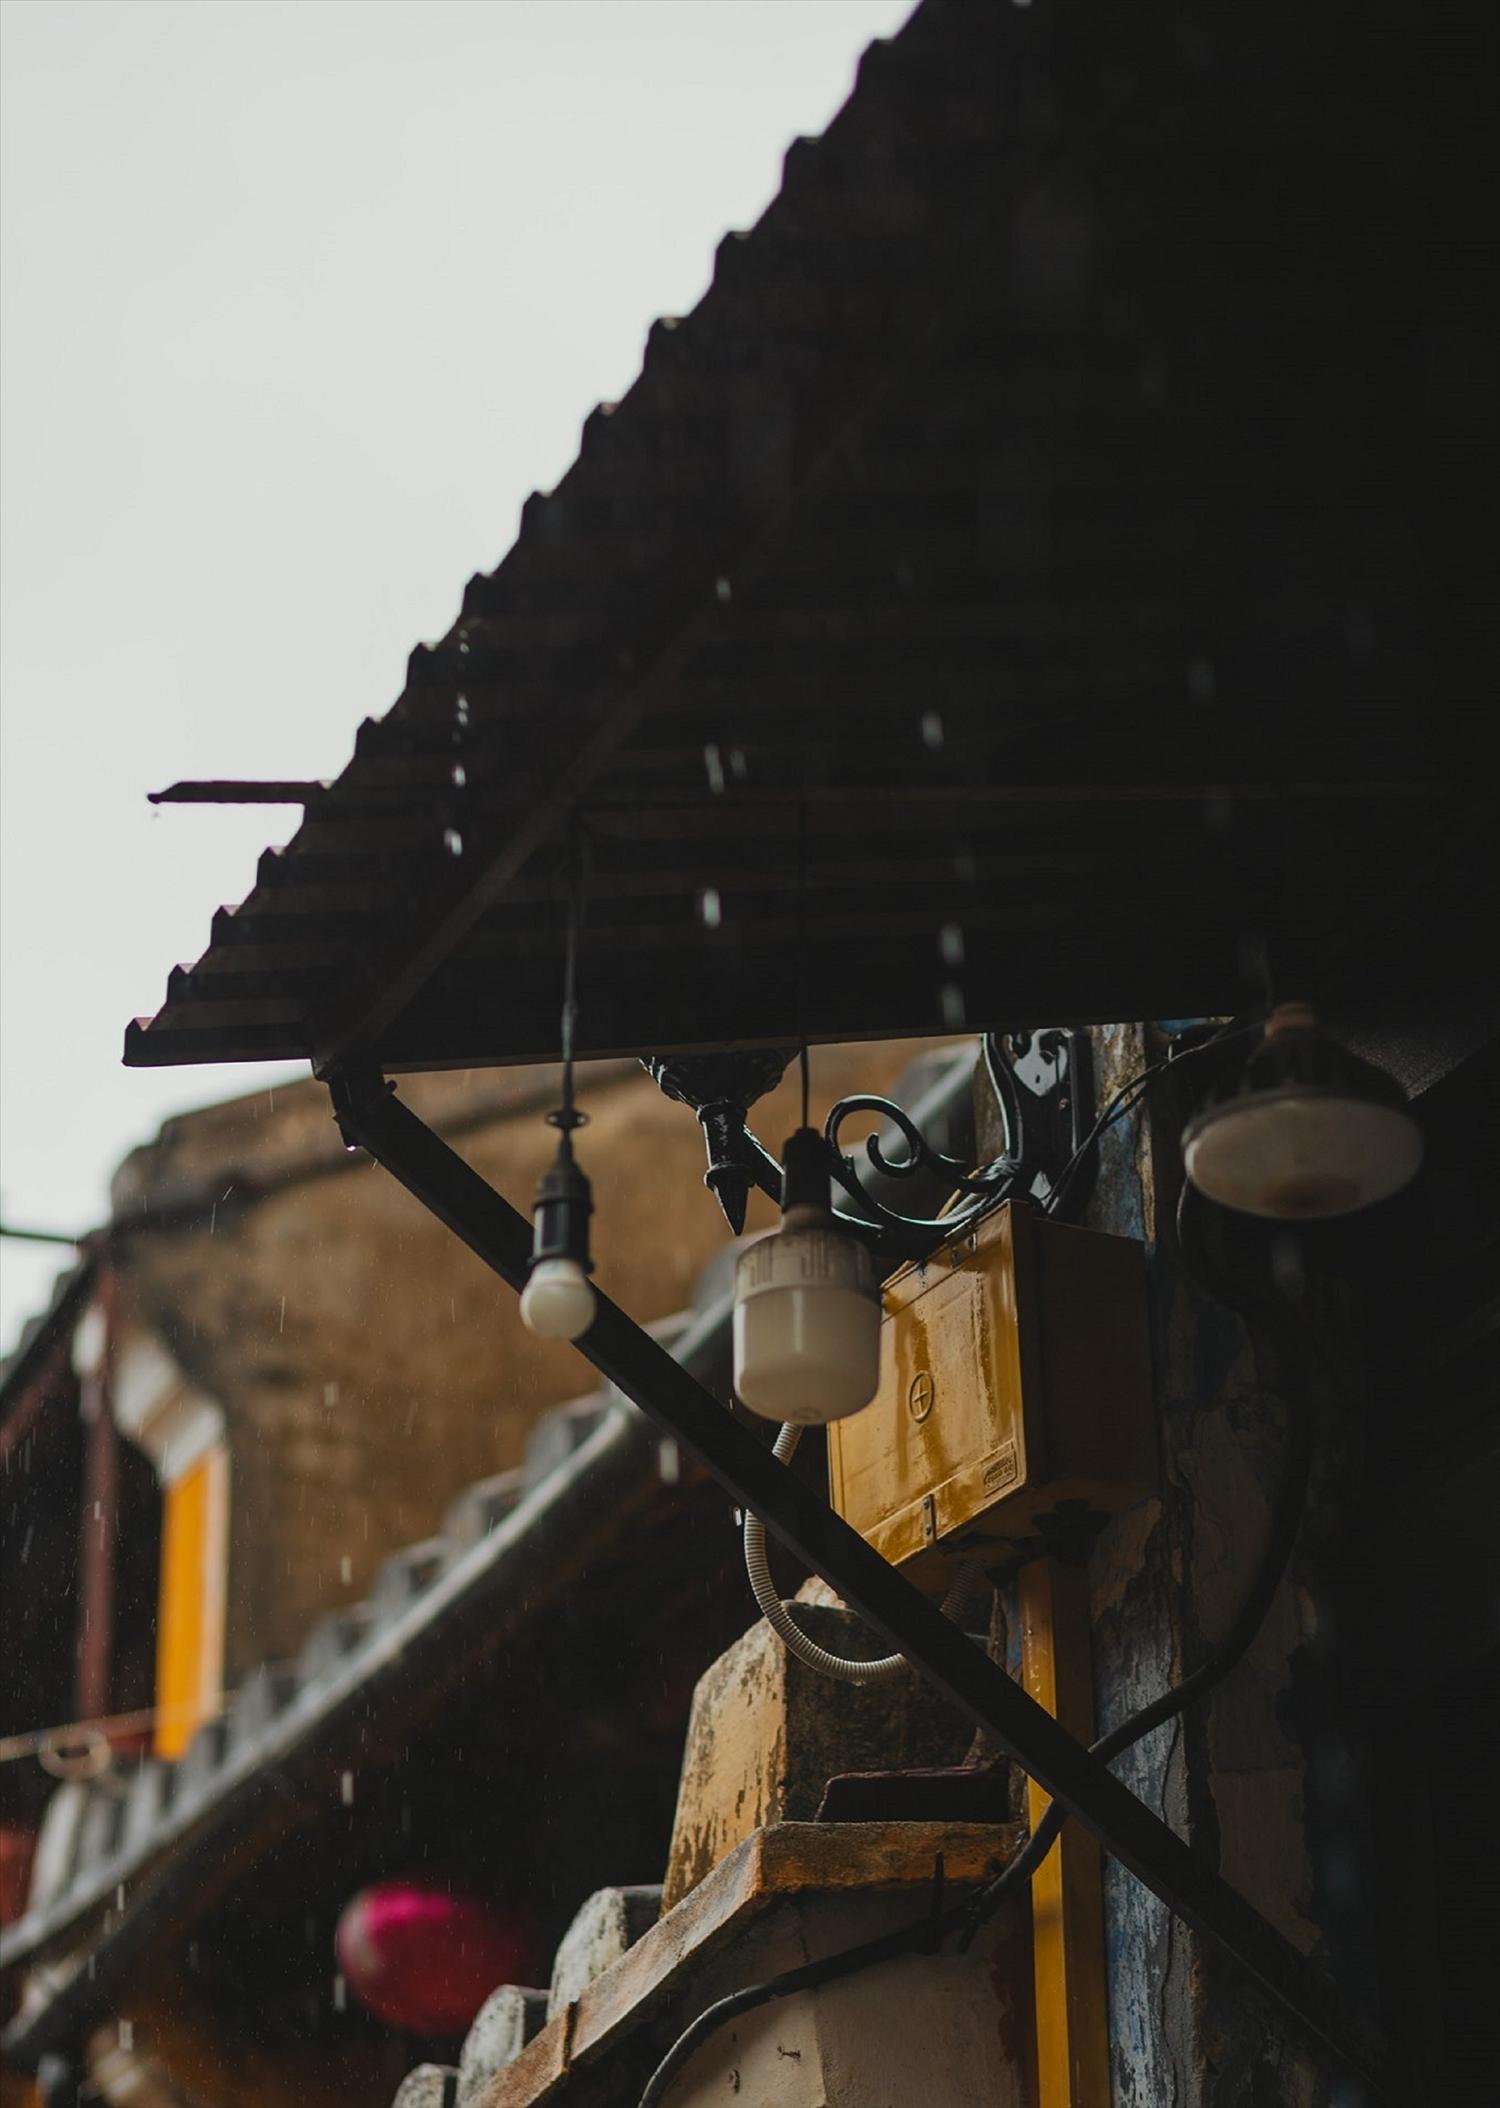 Vẻ đẹp của phố cổ trong cơn mưa, những mái cổ rêu phong mang nét buồn man mác